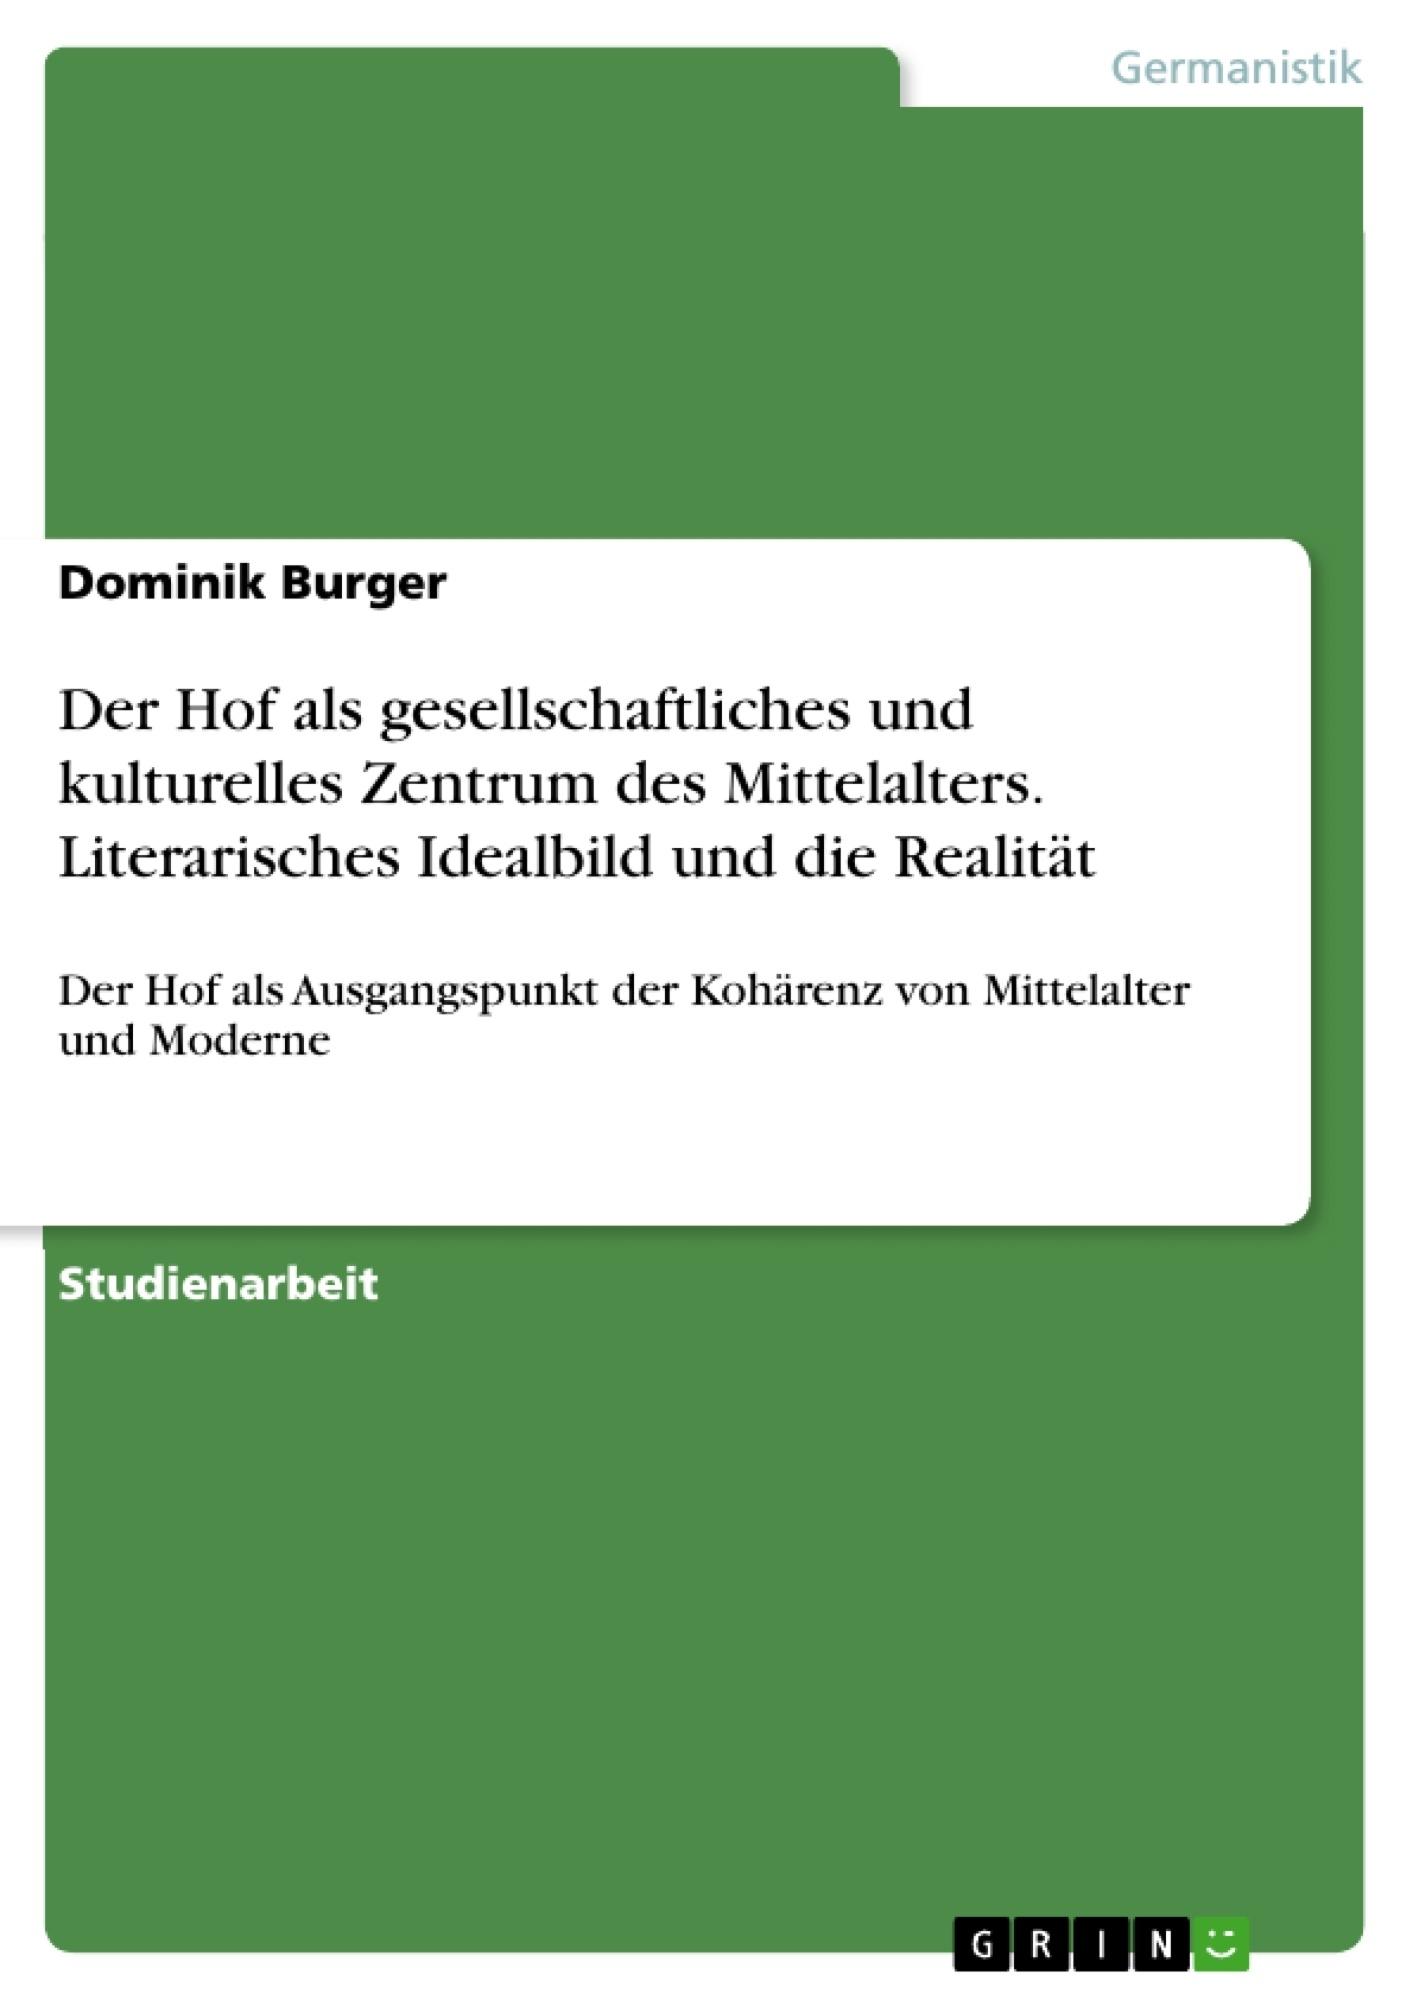 Titel: Der Hof als gesellschaftliches und kulturelles Zentrum des Mittelalters. Literarisches Idealbild und die Realität